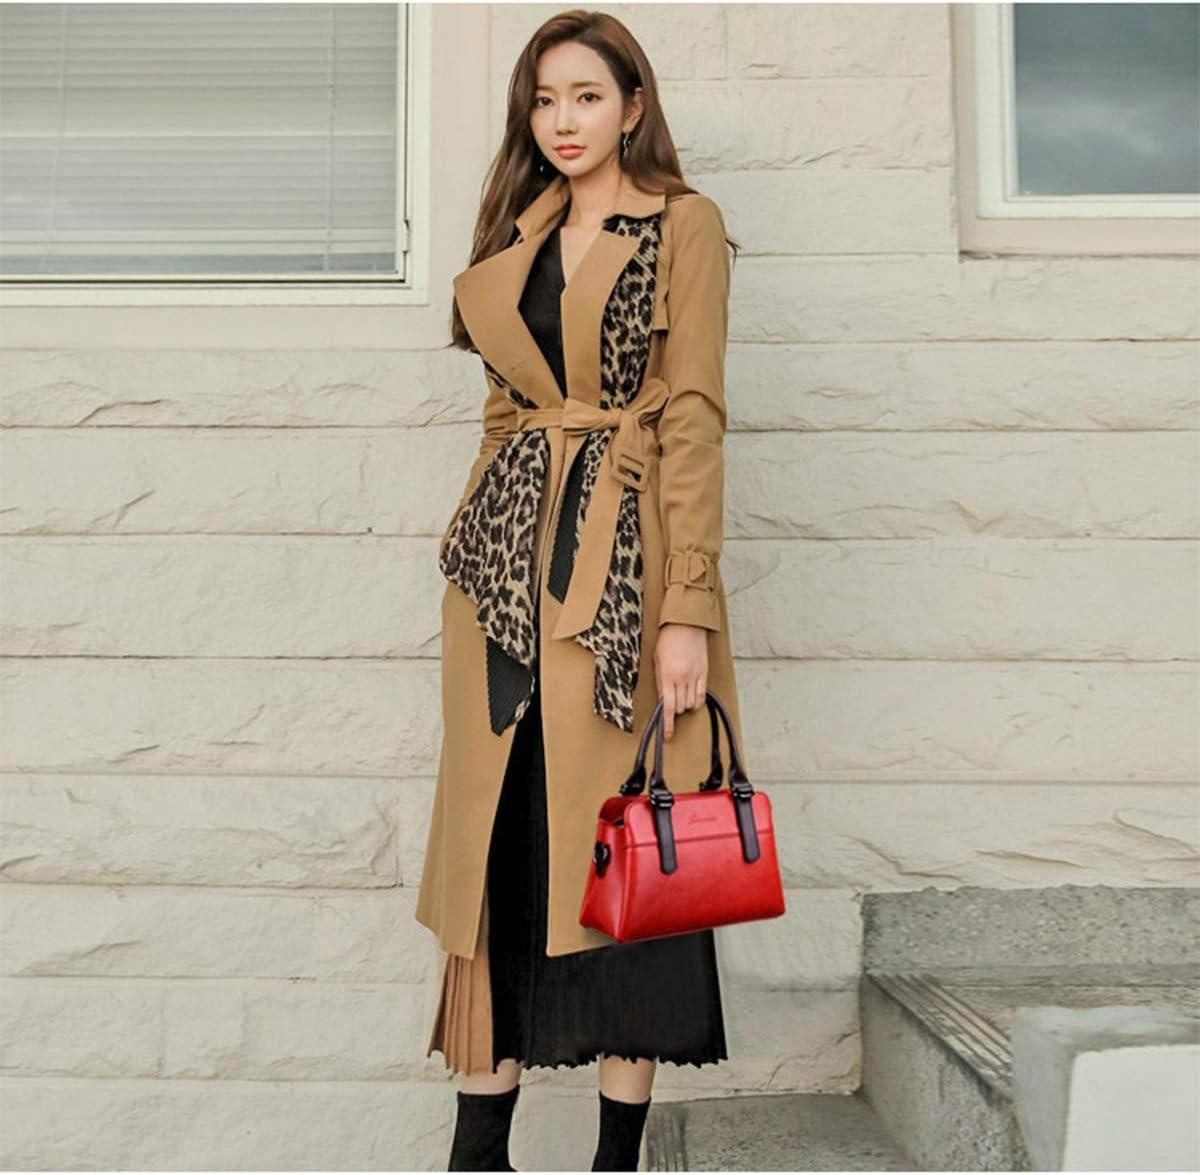 M3M Femmes Sacs à Main en Cuir Sac à bandoulière Sacs fourre-Tout Sacs Dames Designer Sacs Sac de poignée Haut Red